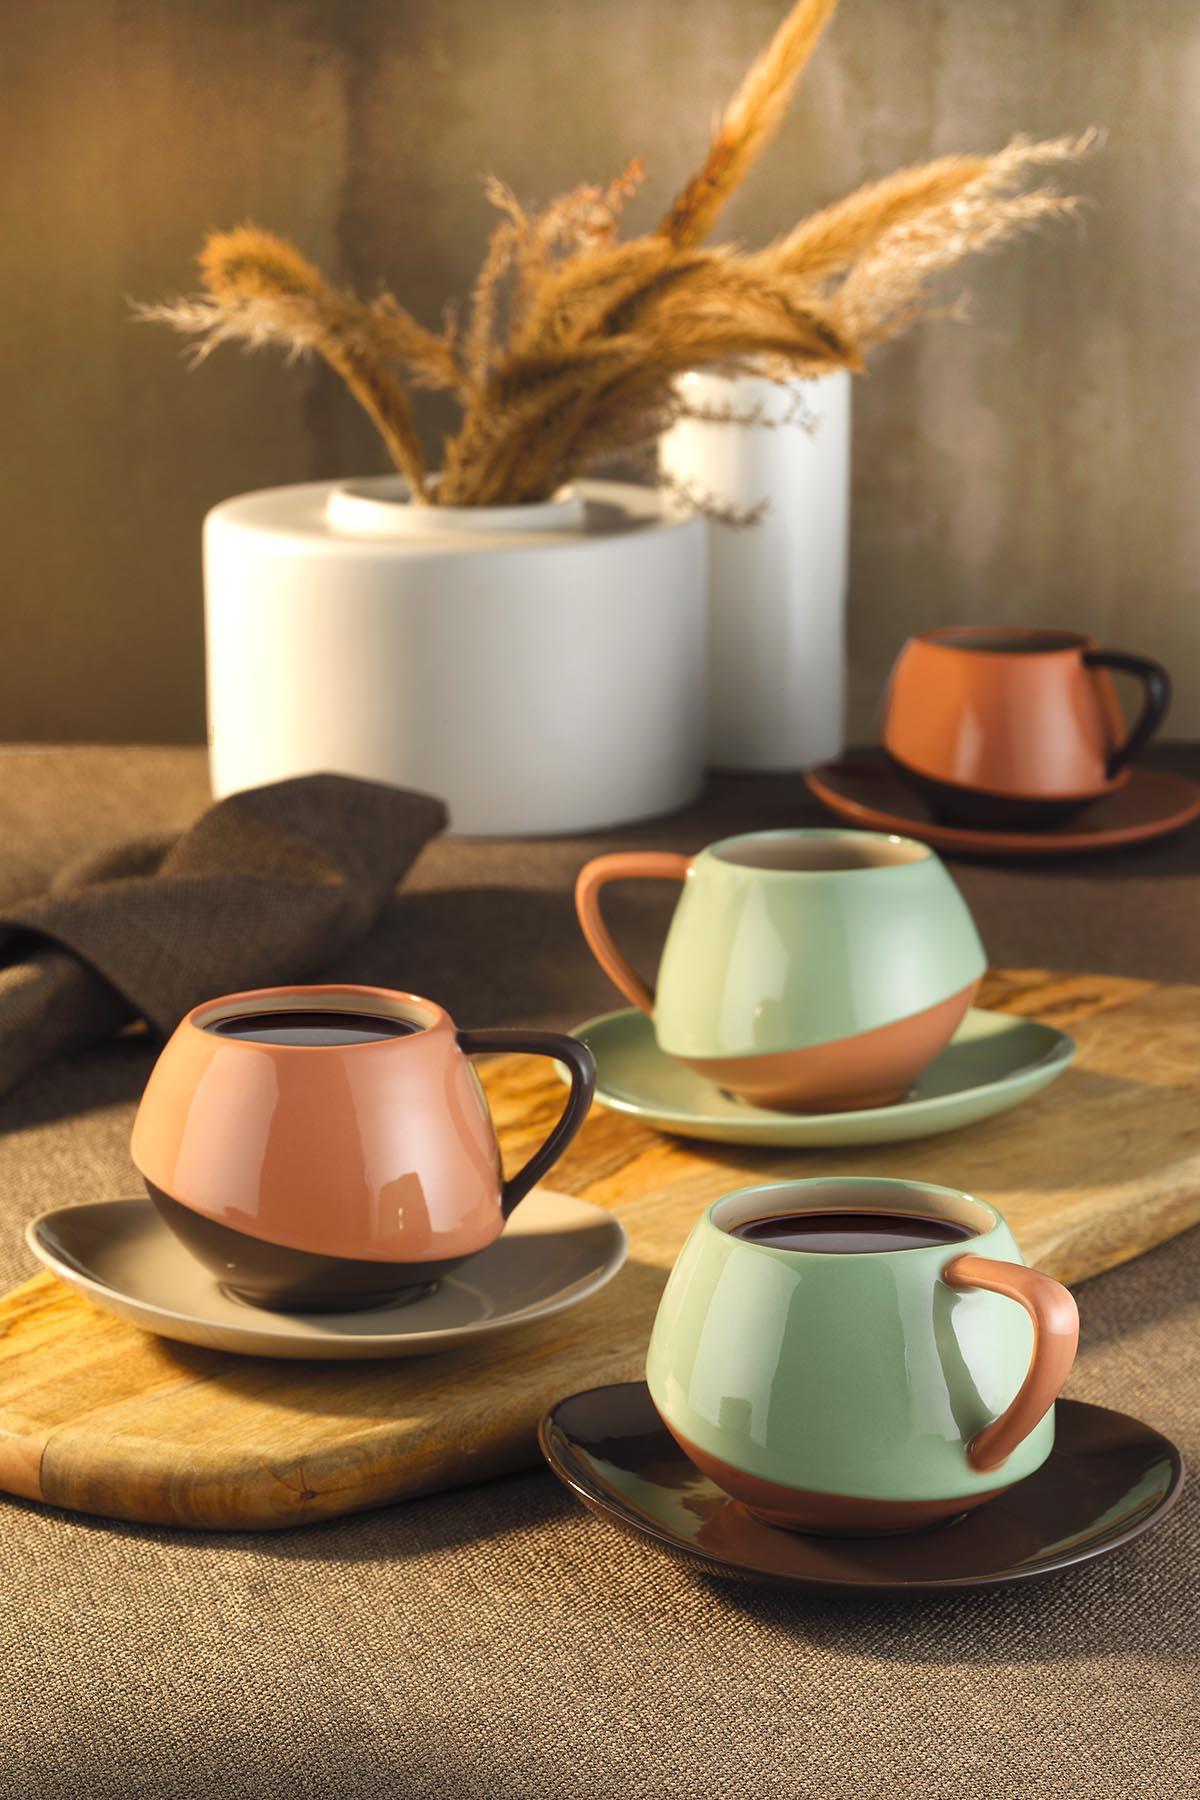 Kütahya Porselen - Aura Çay Takımı Siyah-Krem-Bej-Kırmızı